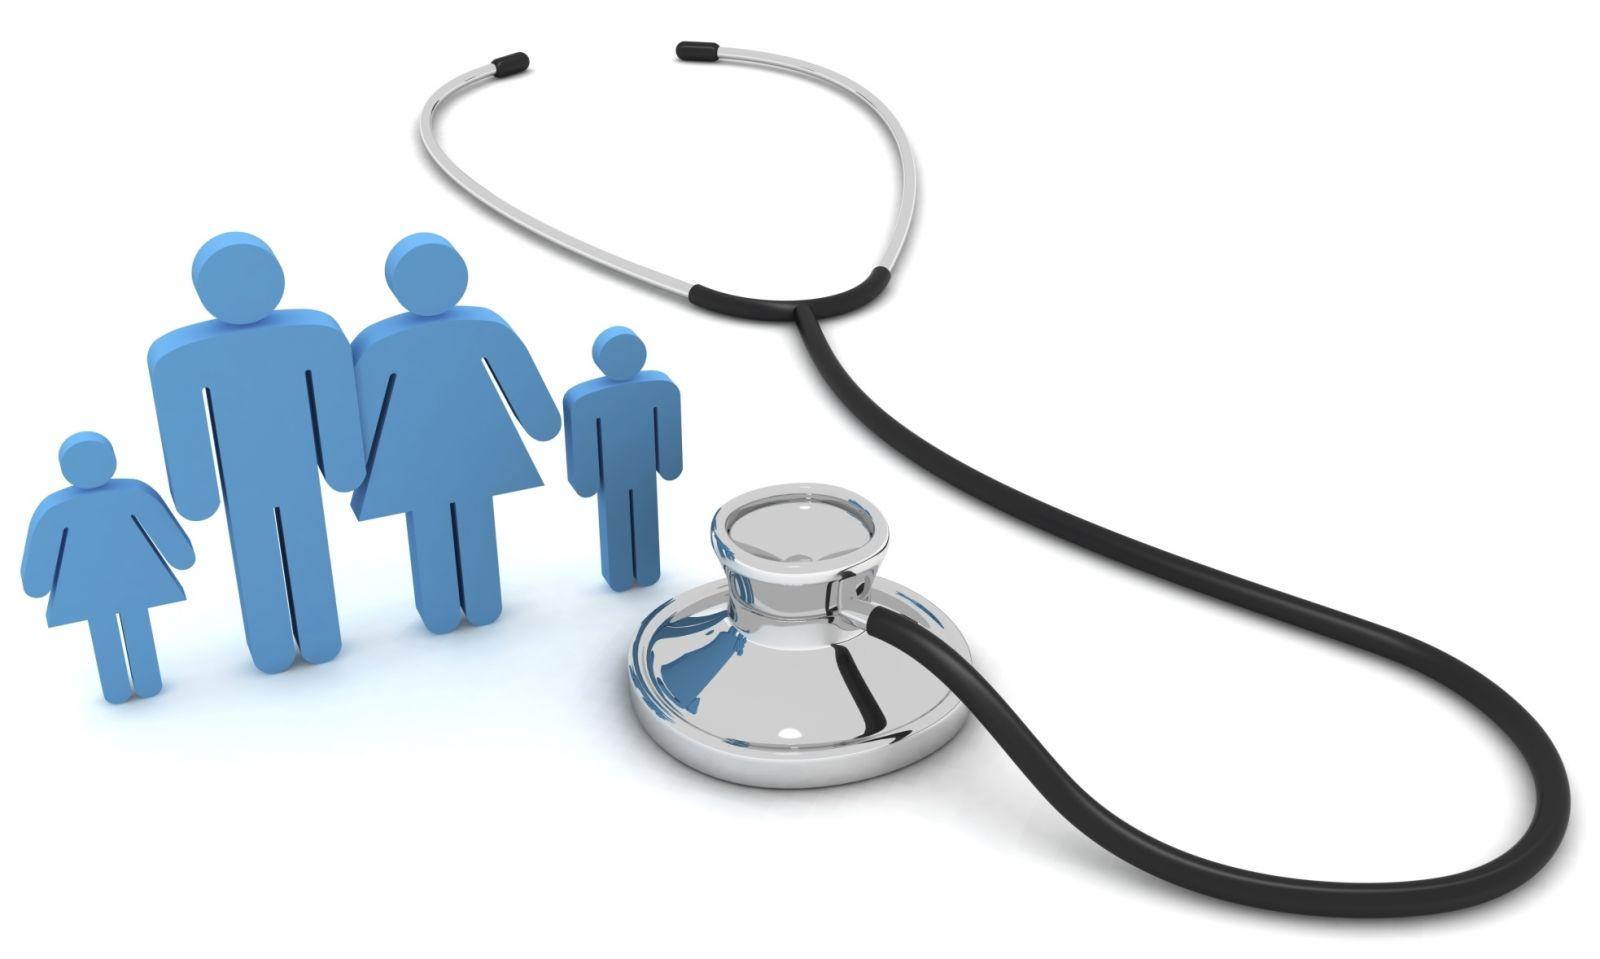 Se suman 528,971 a un empleo sin servicios de salud en un año